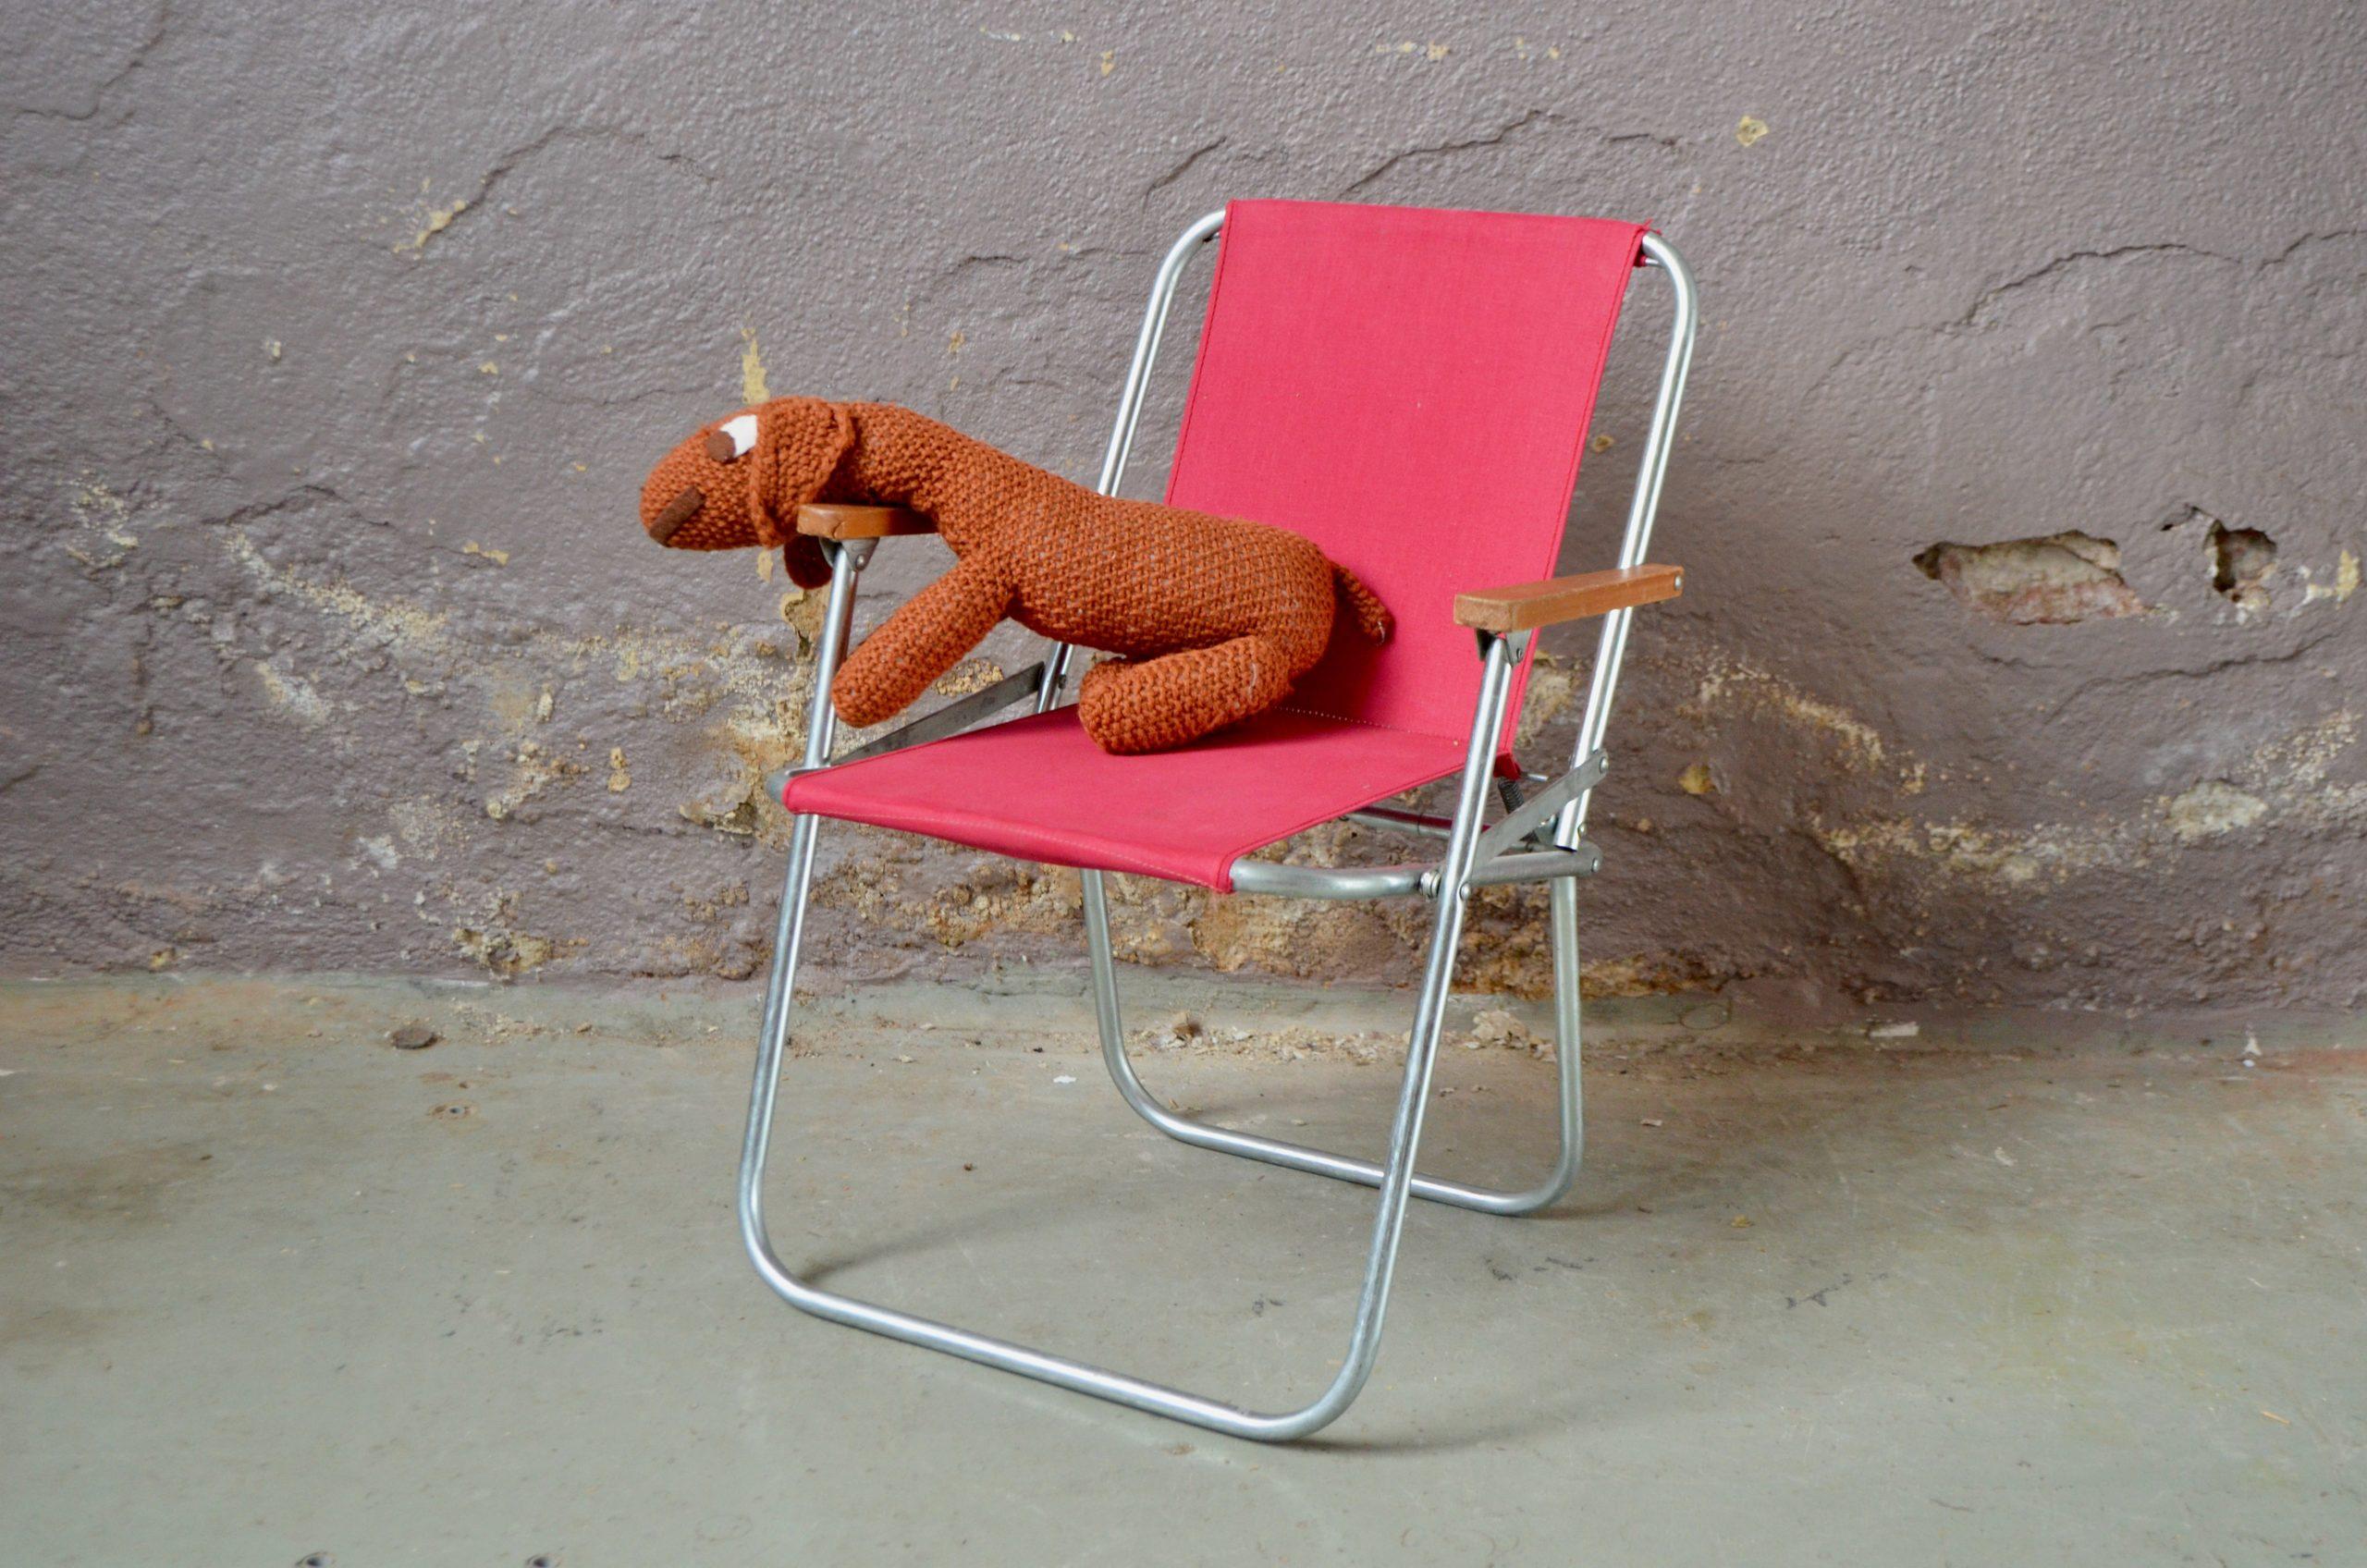 Mignonne petite chilienne enfant ou transat de plage, cette pièce vintage est pleine de charme. Elle sera parfaite en petite chaise enfant ou pour jouer à la poupée ! Pliable, elle se révélera aussi pratique que déco. Accessoire pour la chambre d'enfant ou les sorties pique nique, c'est un joli siège vintage. Transat fauteuil pliant vintage enfant